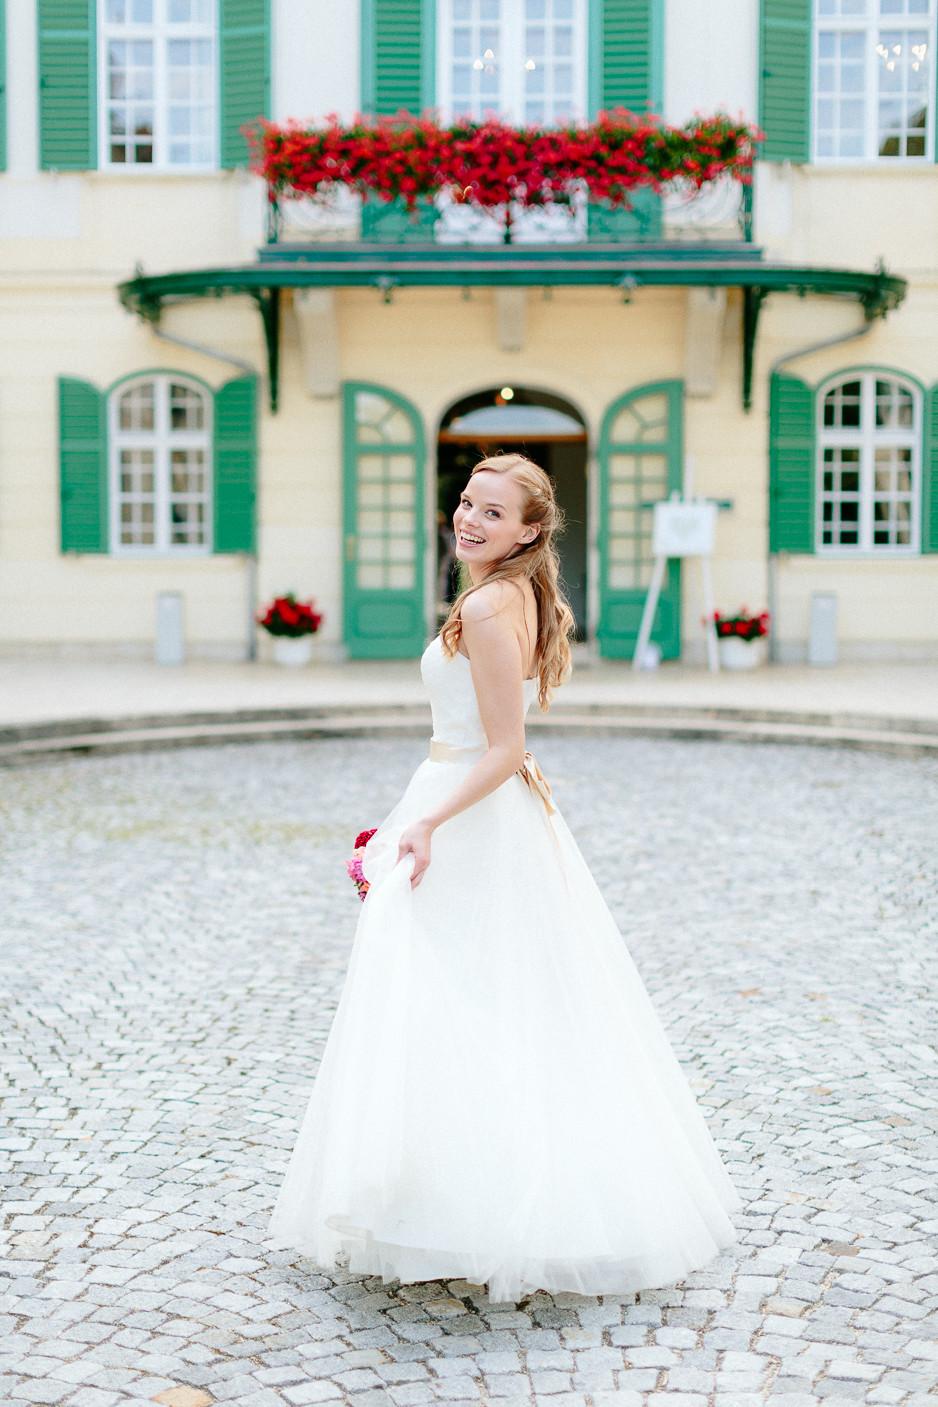 Christiane+Florian - CF-Hochzeit-Mobeldepot-056.jpg